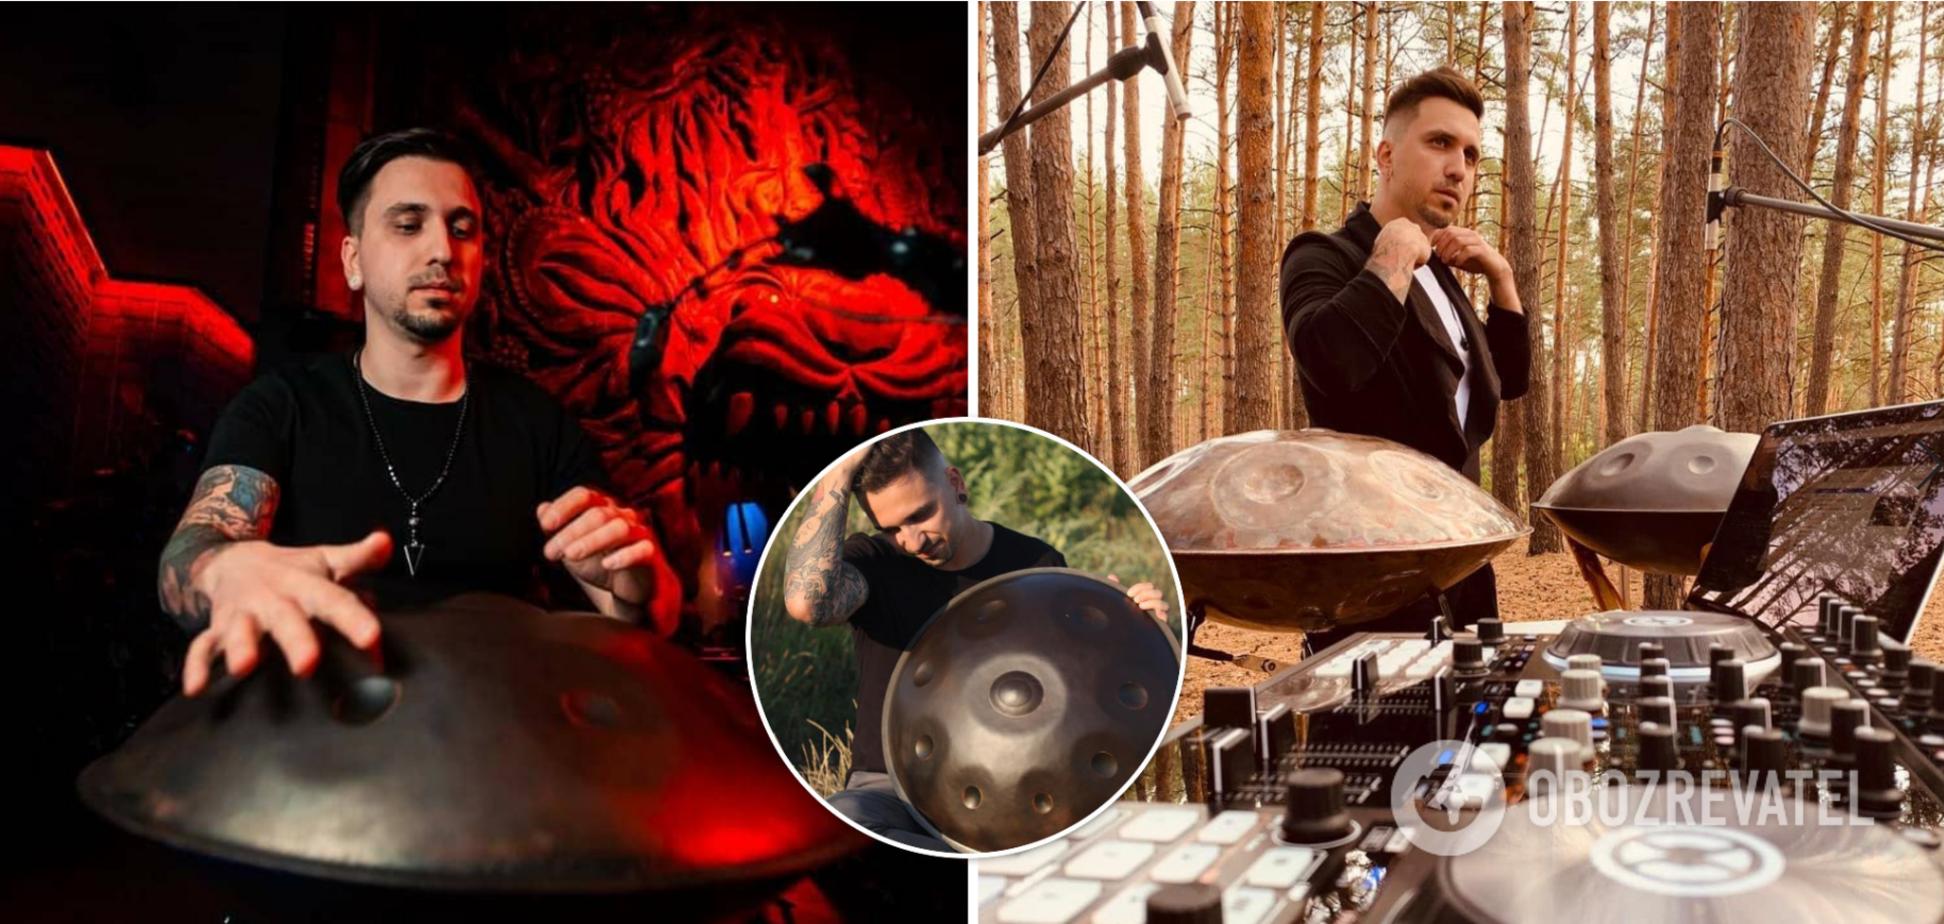 Відомий музикант Антон Стрілець – про гру на унікальному хендпані: це моє життя. Інтерв'ю